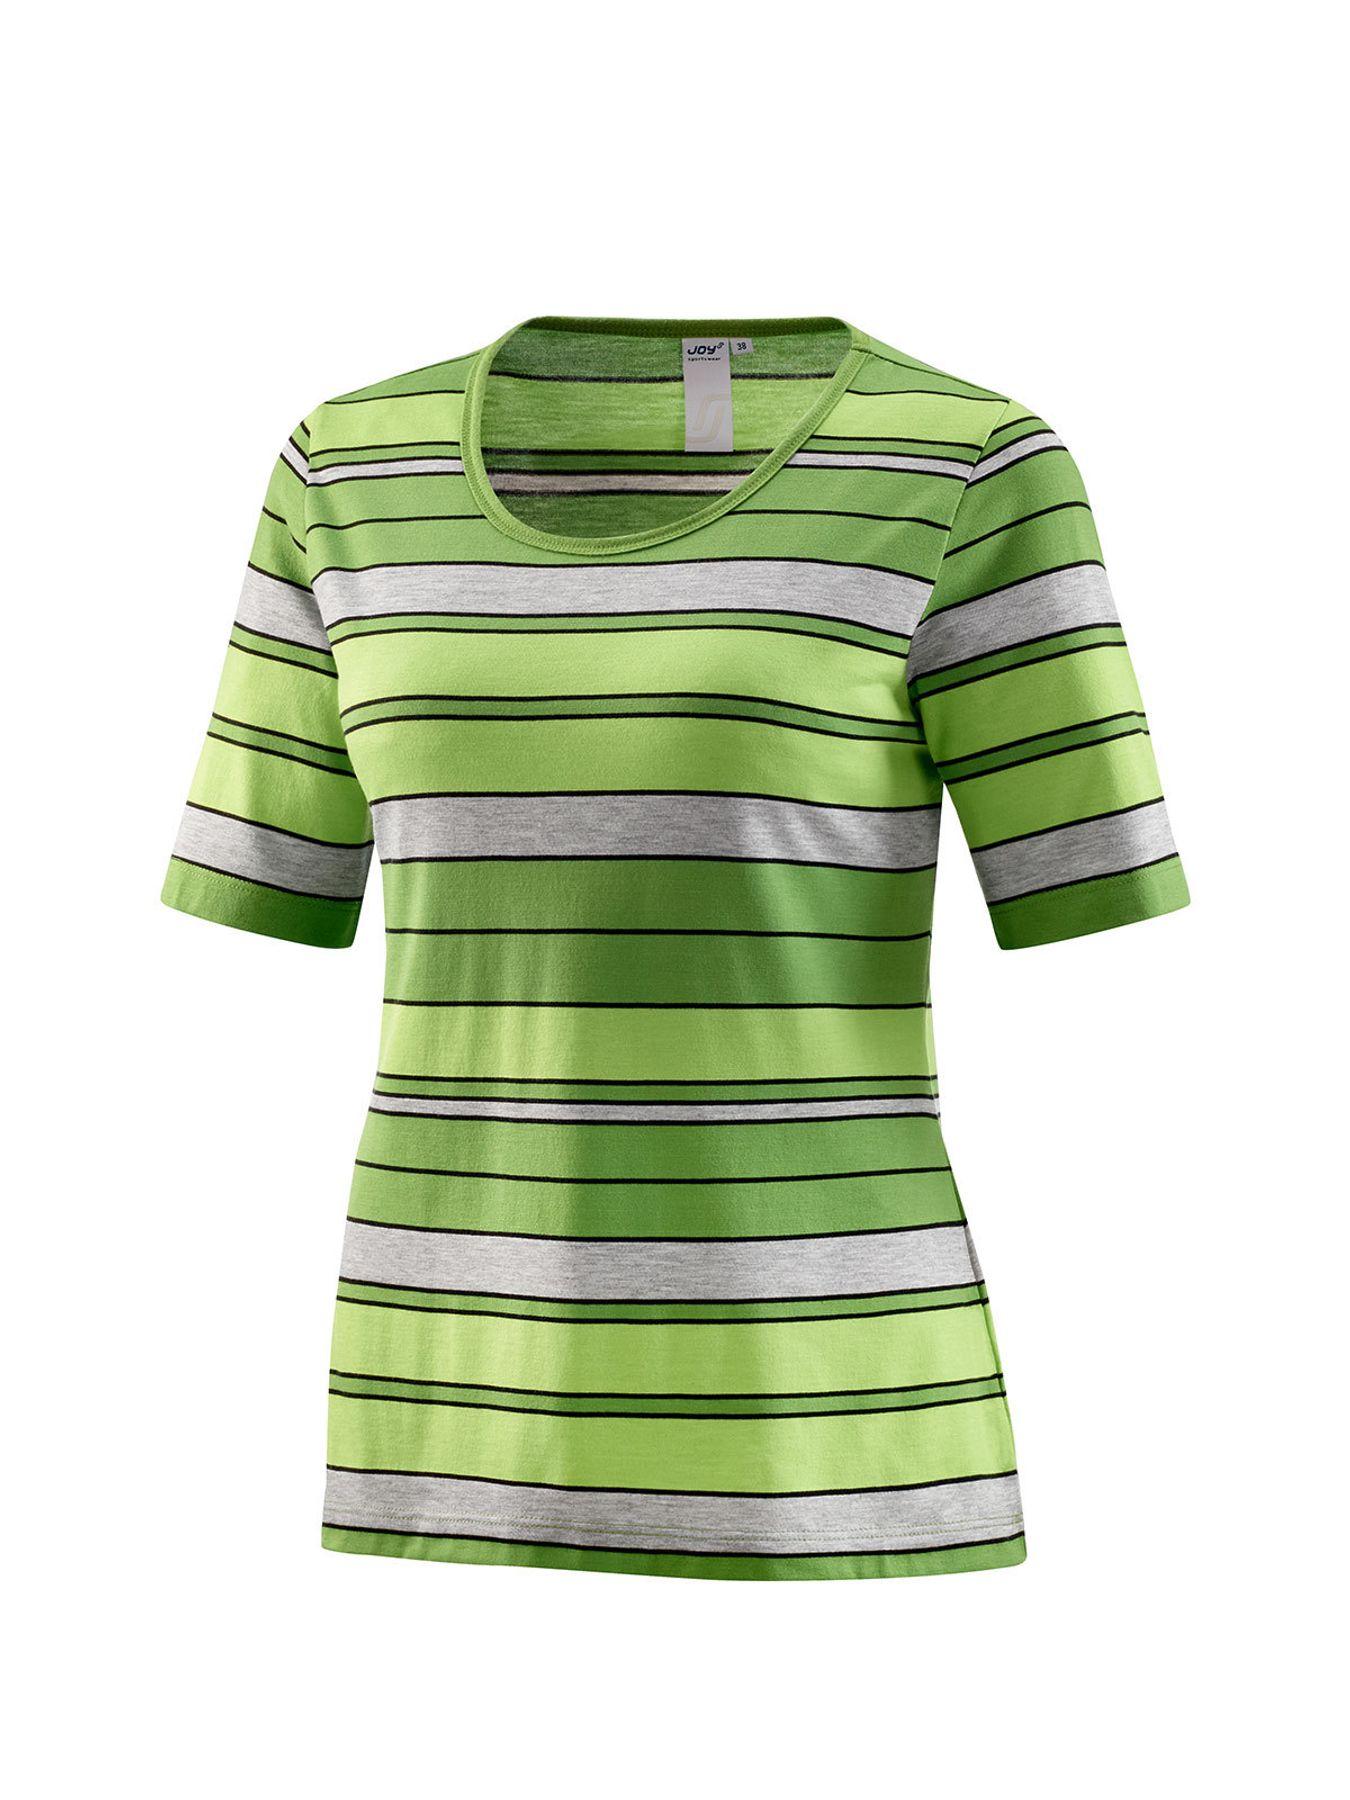 Joy - Damen Sport und Freizeit Shirt im Streifenmuster, Witta (30191) – Bild 1